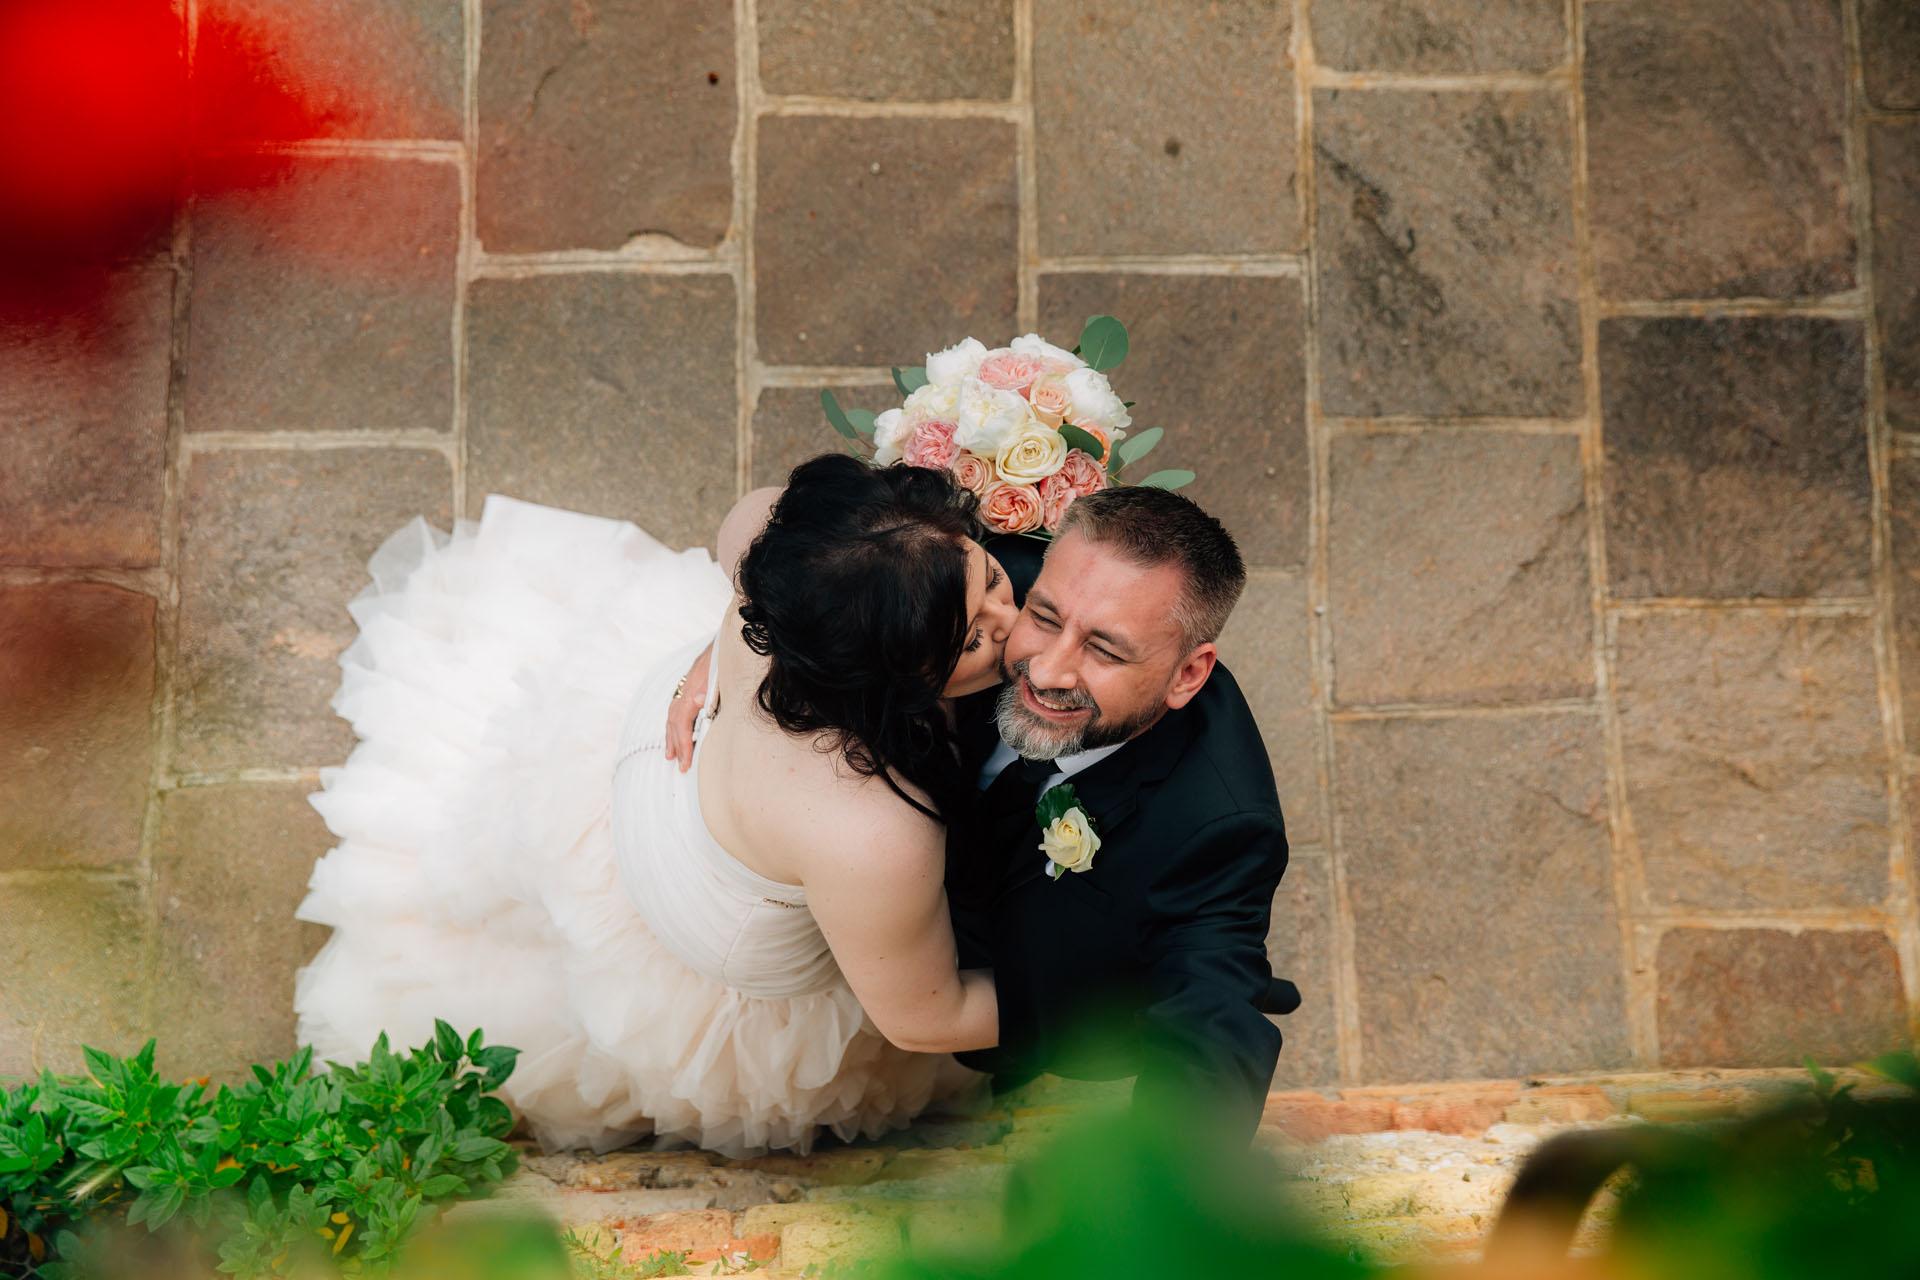 Jessica-Jason-Per-Sempre-Weddingdestination-Storytelling-Renato-Zanette-Fotografo-Convento-San-Francesco-Conegliano-Treviso-Veneto